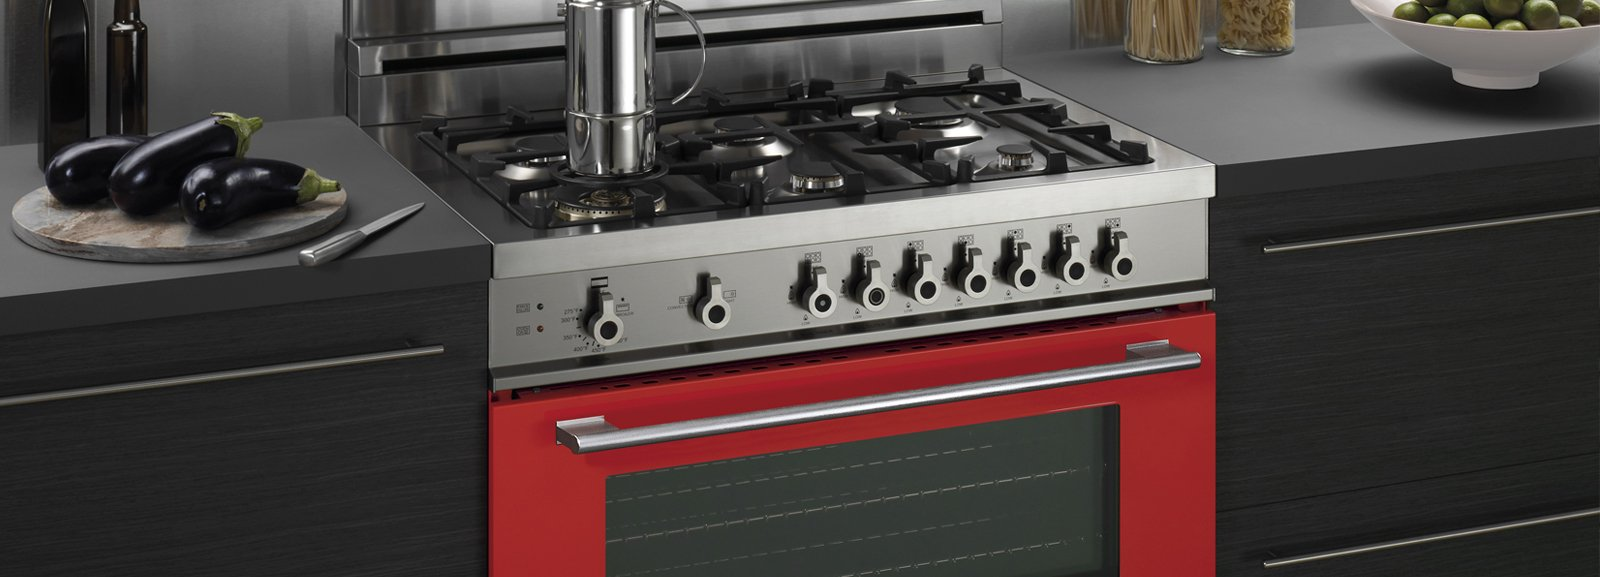 Cucina monoblocco: piano cottura e forno tutto in uno, freestanding - Cose di...